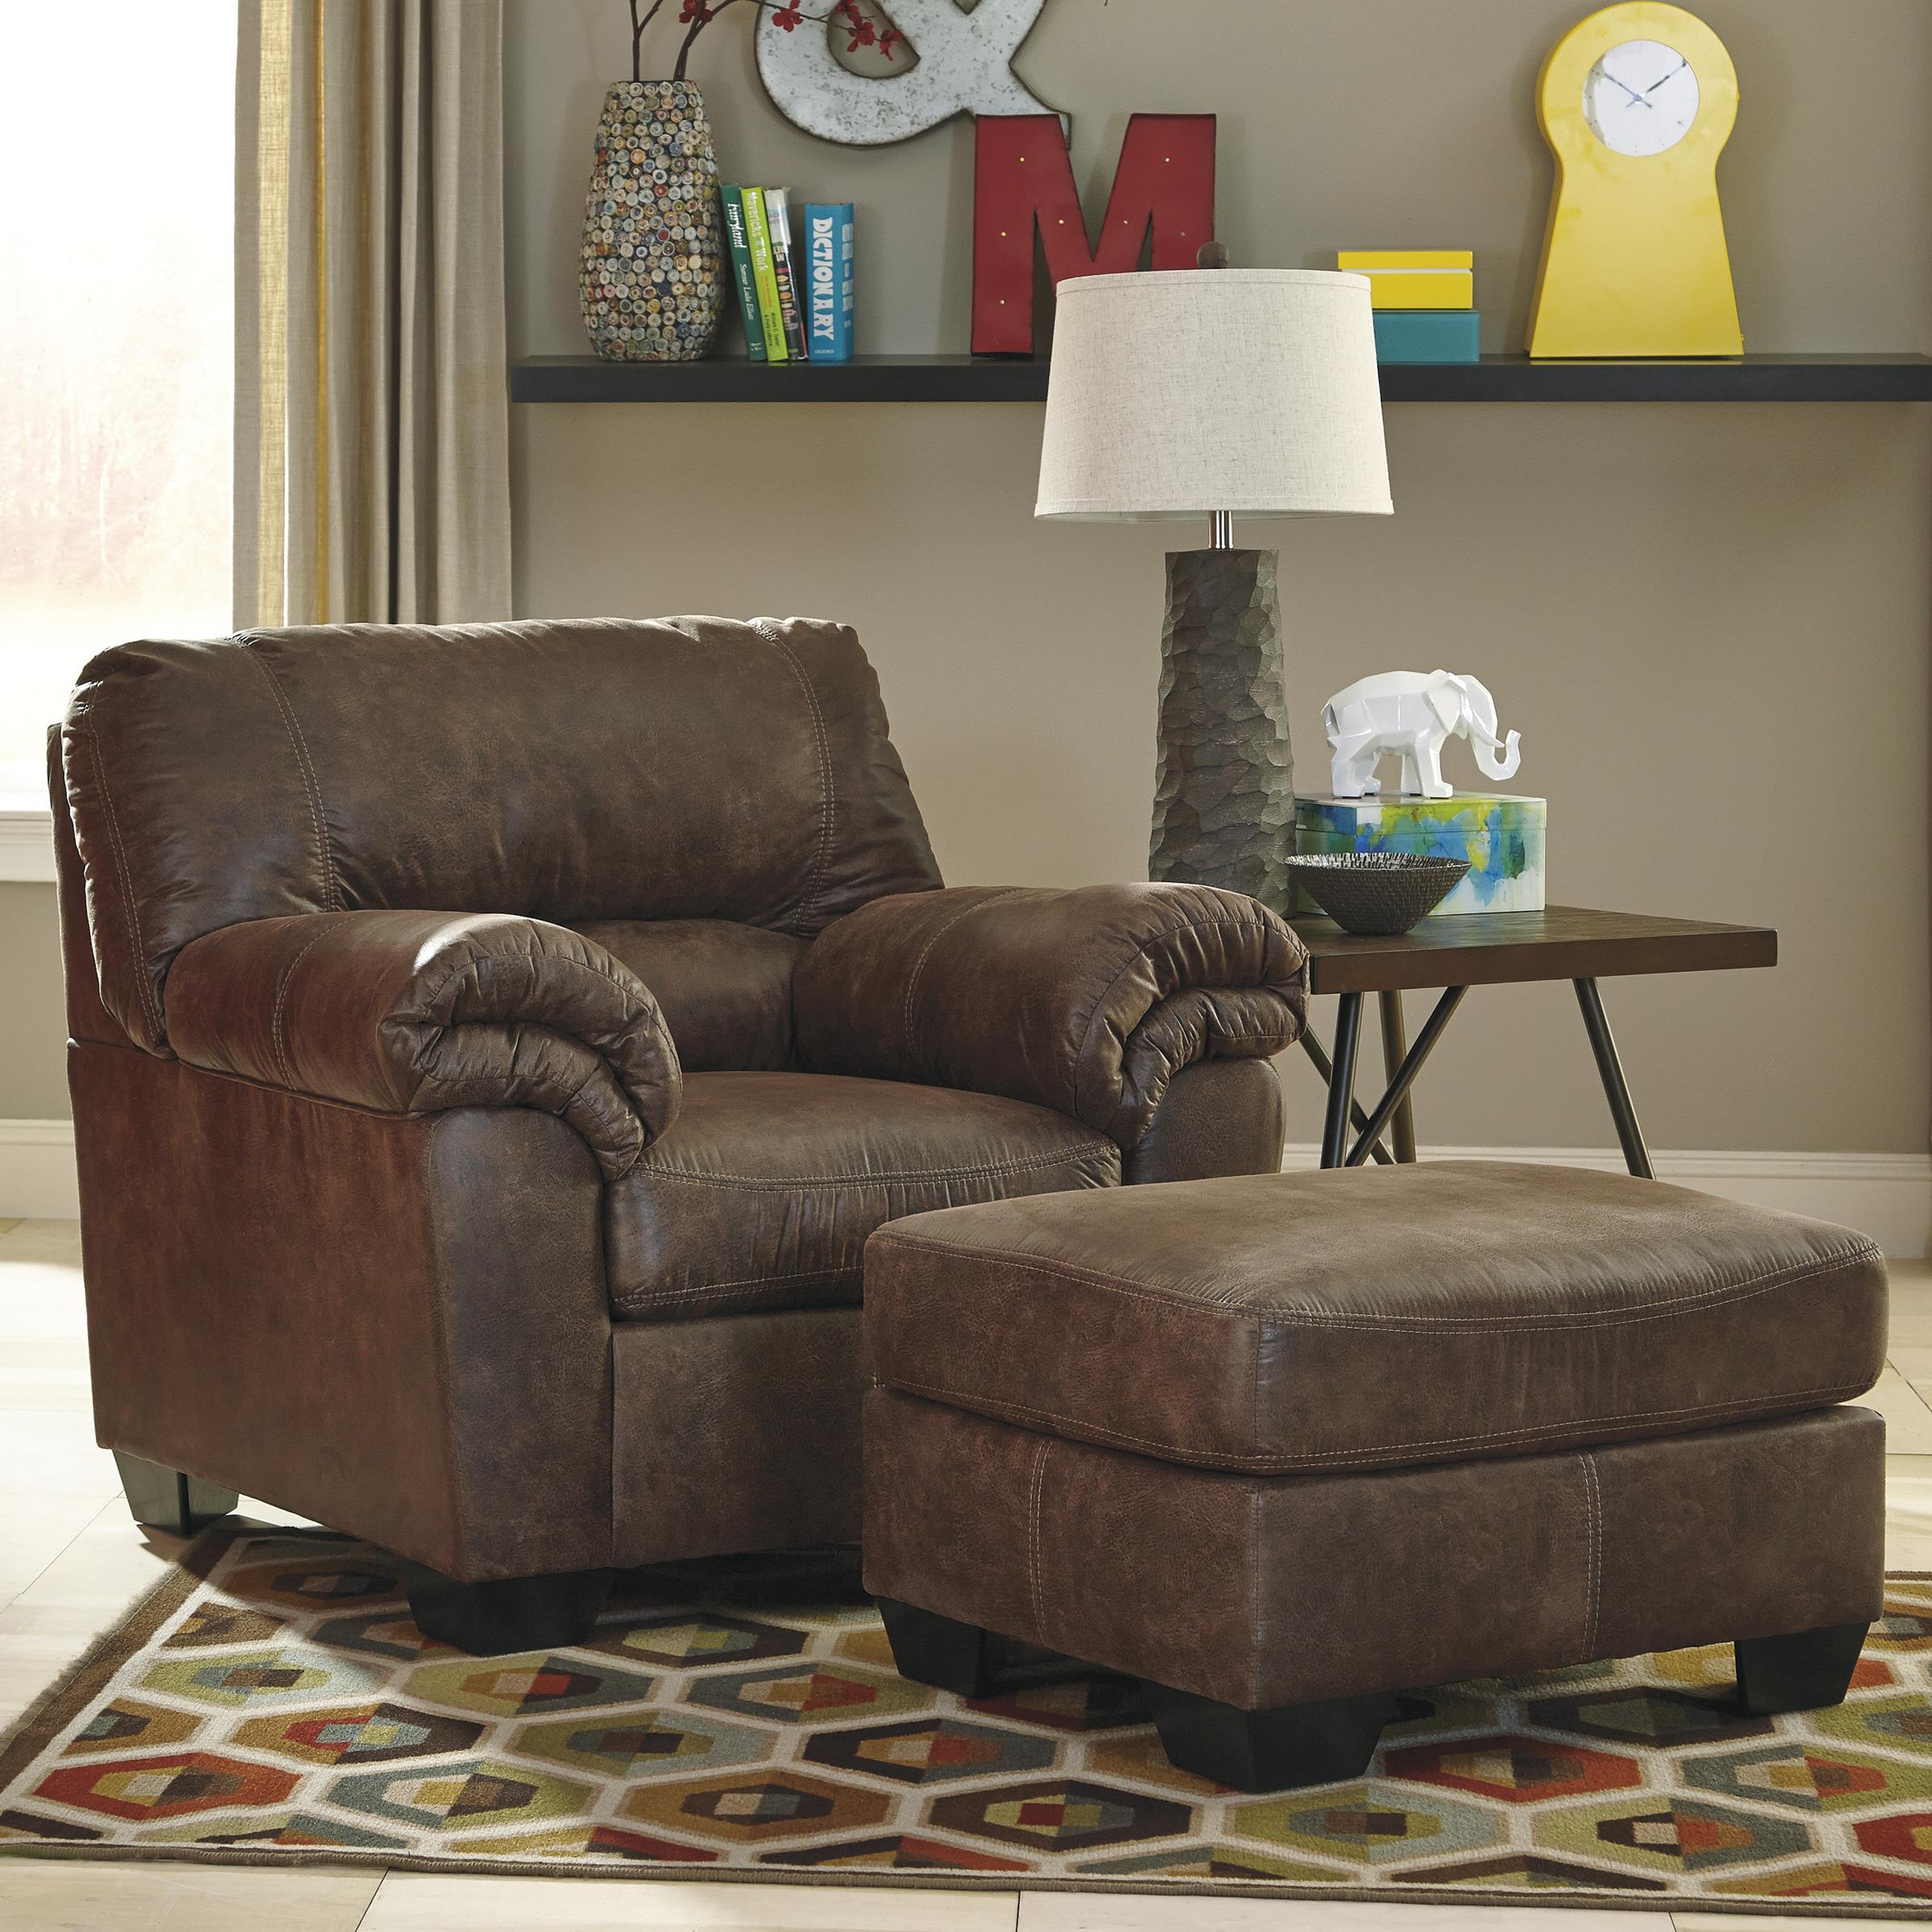 Furniture Warehouse Akron Ohio